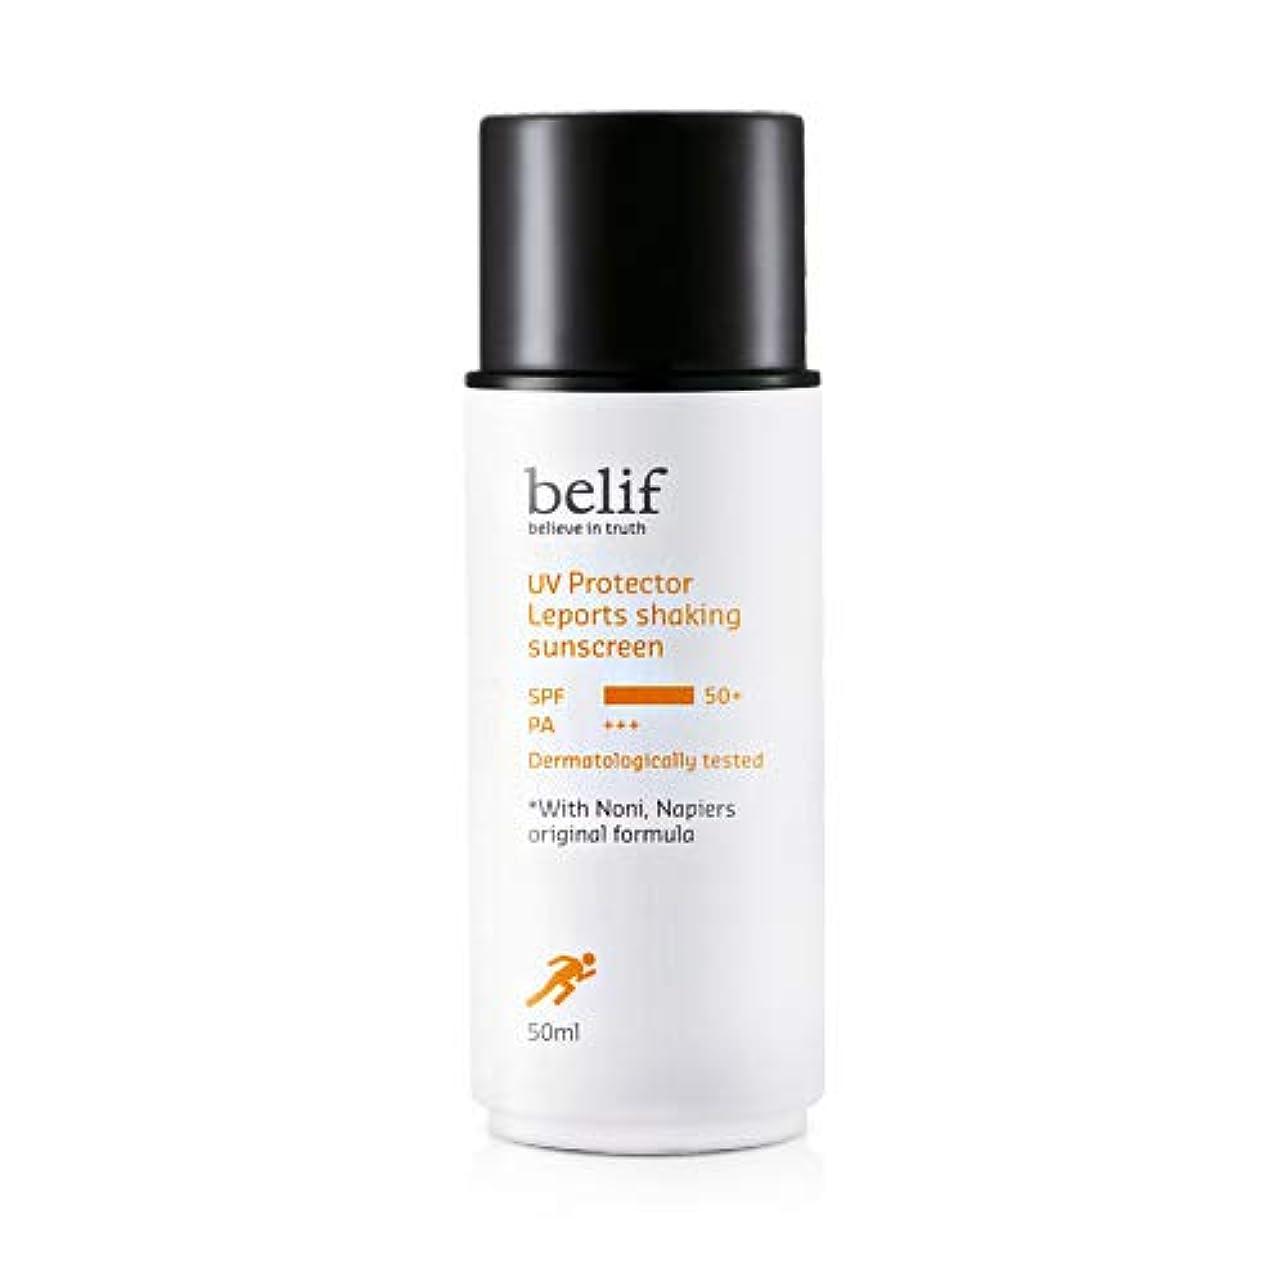 超高層ビル性交賞Belif(ビリーフ) UV Protector Leports shaking sunscreen サンスクリーン (50ml) SPF50+/PA+++